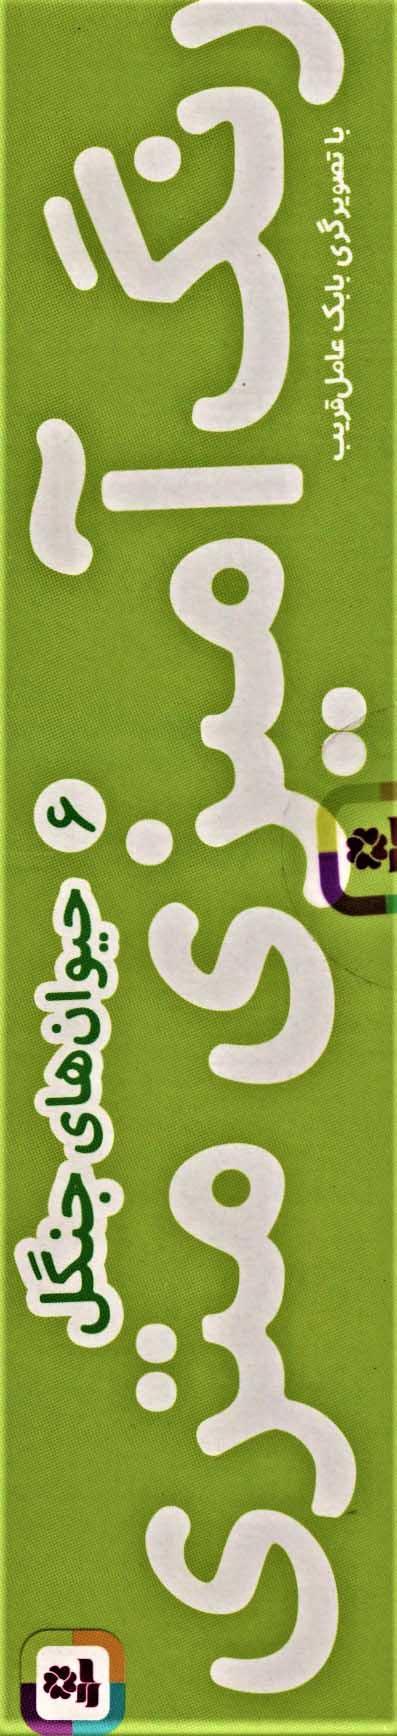 رنگ آمیزی متری 6 (حیوان های جنگل)،همراه با مدادرنگی (باجعبه)